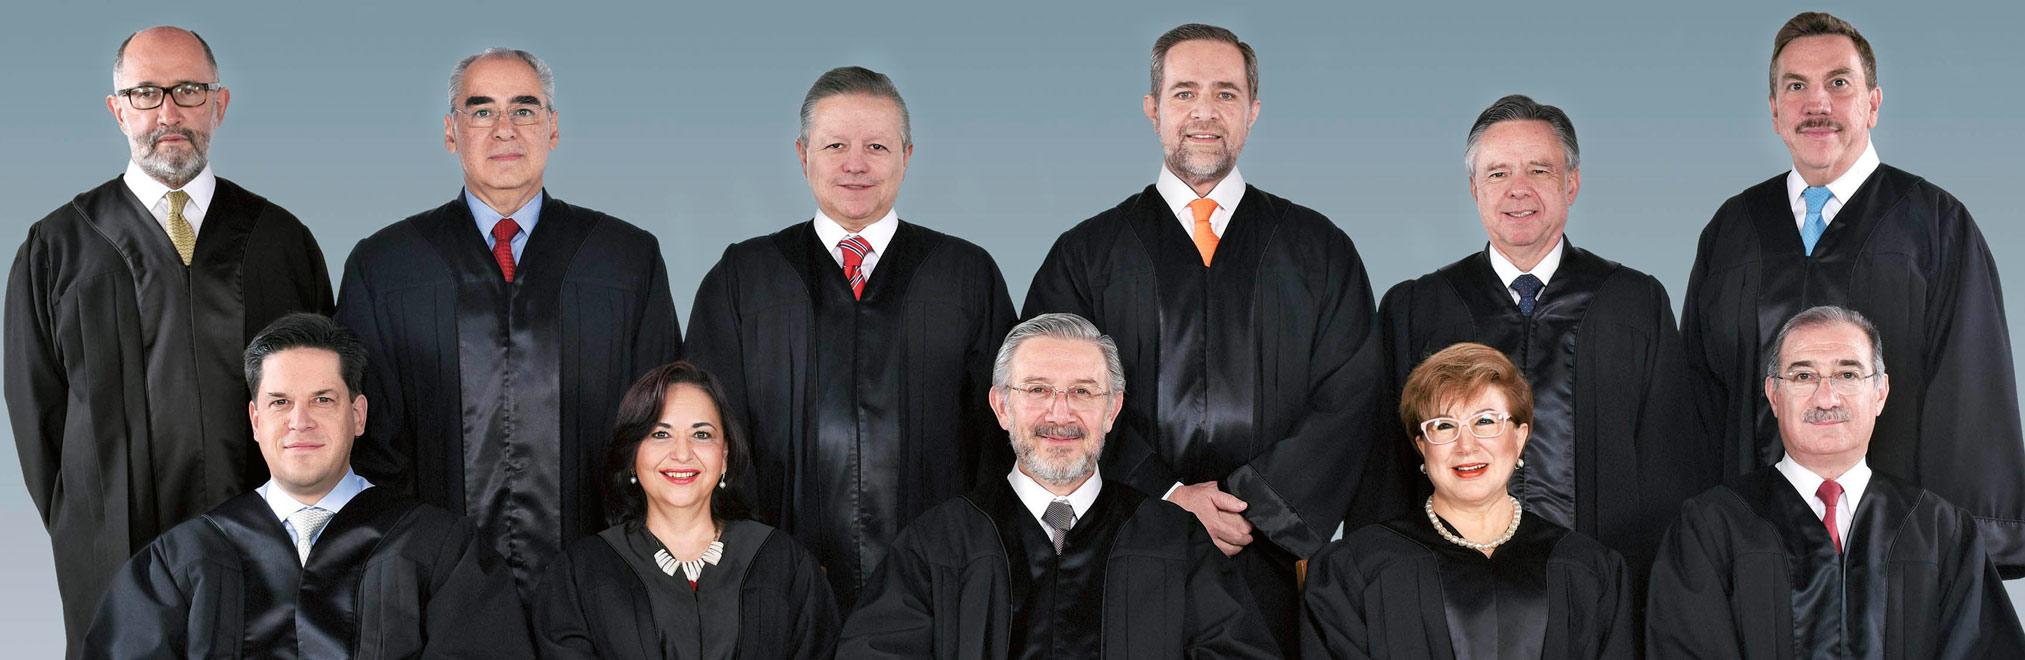 Pleno suprema corte